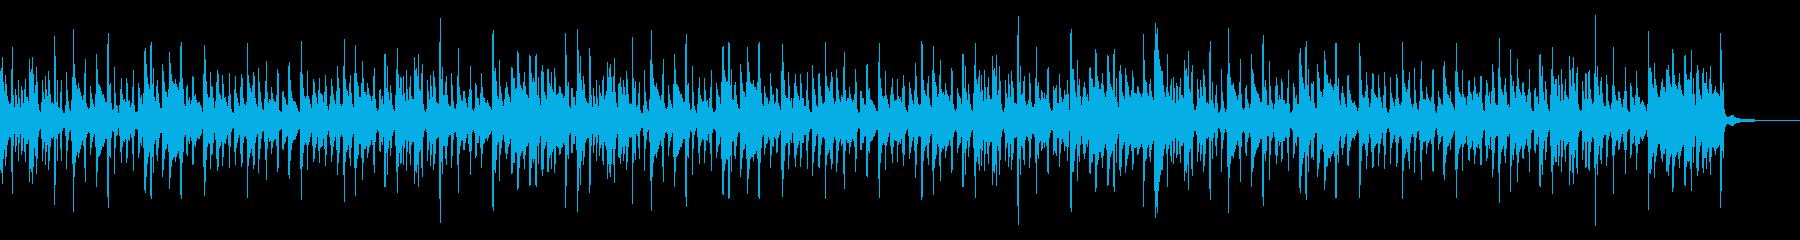 ラテントライバルパーカッショングローブの再生済みの波形